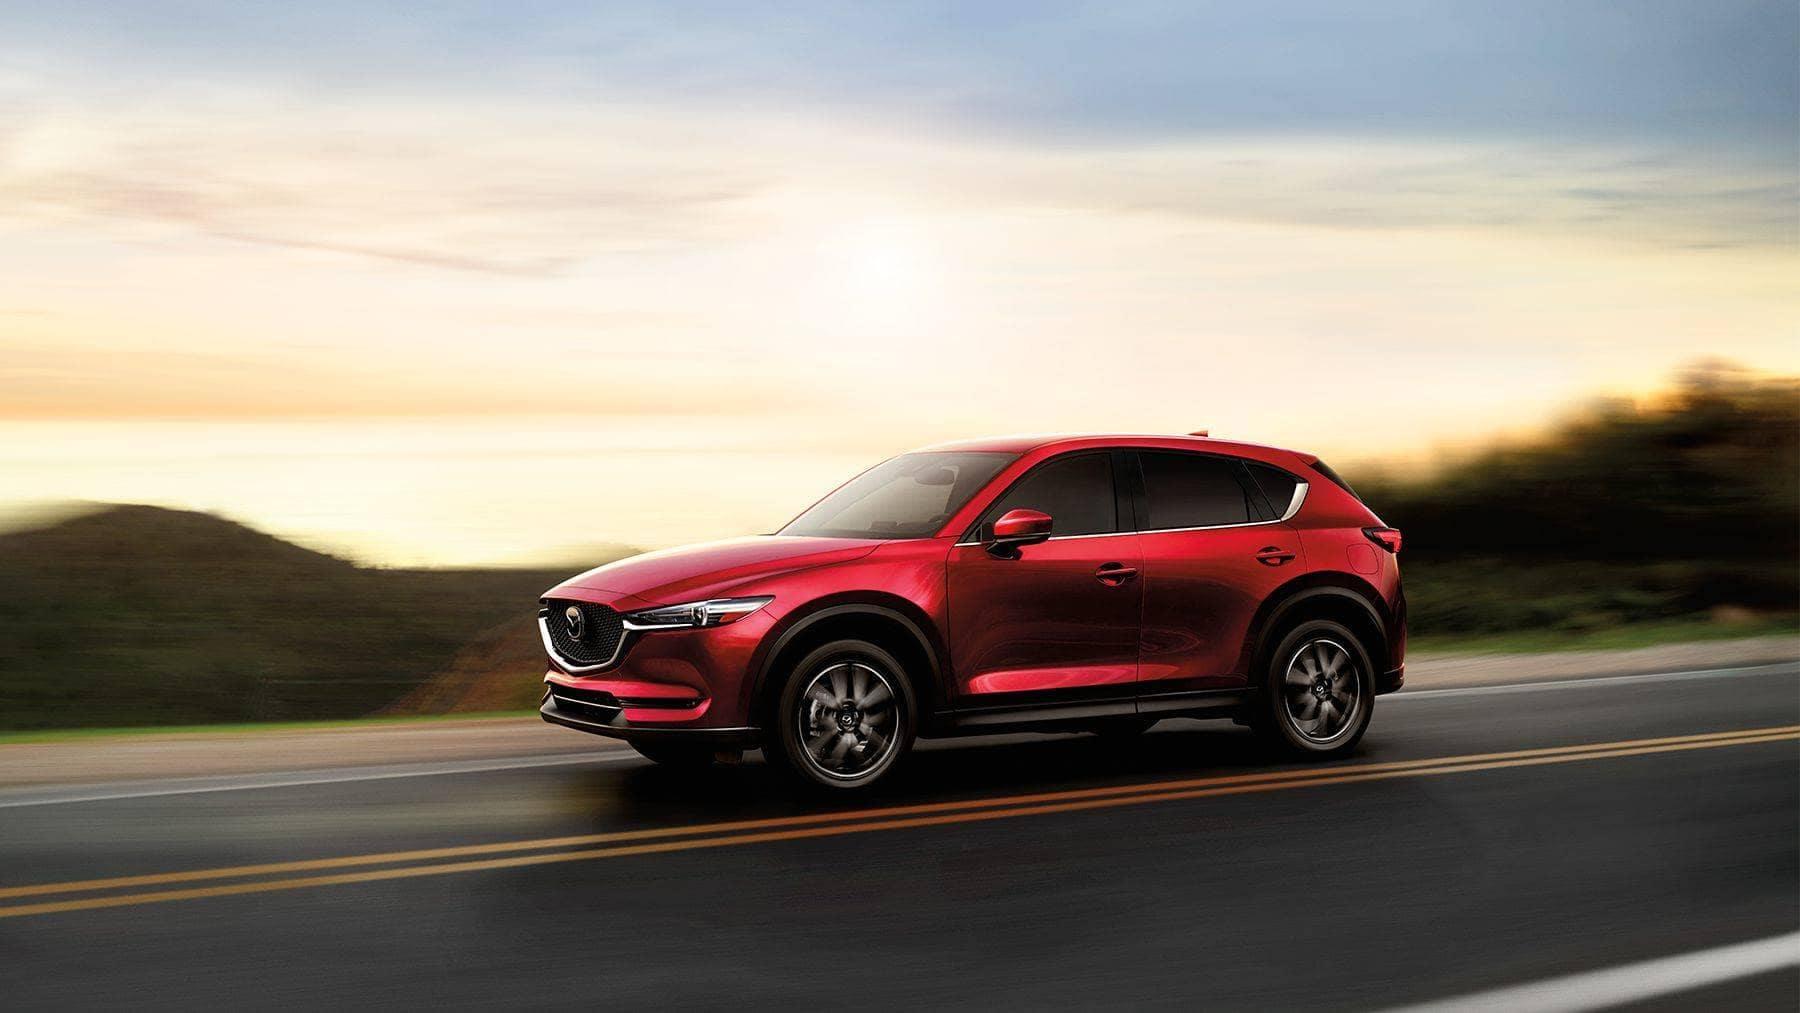 2018 Mazda CX-5 Crossover